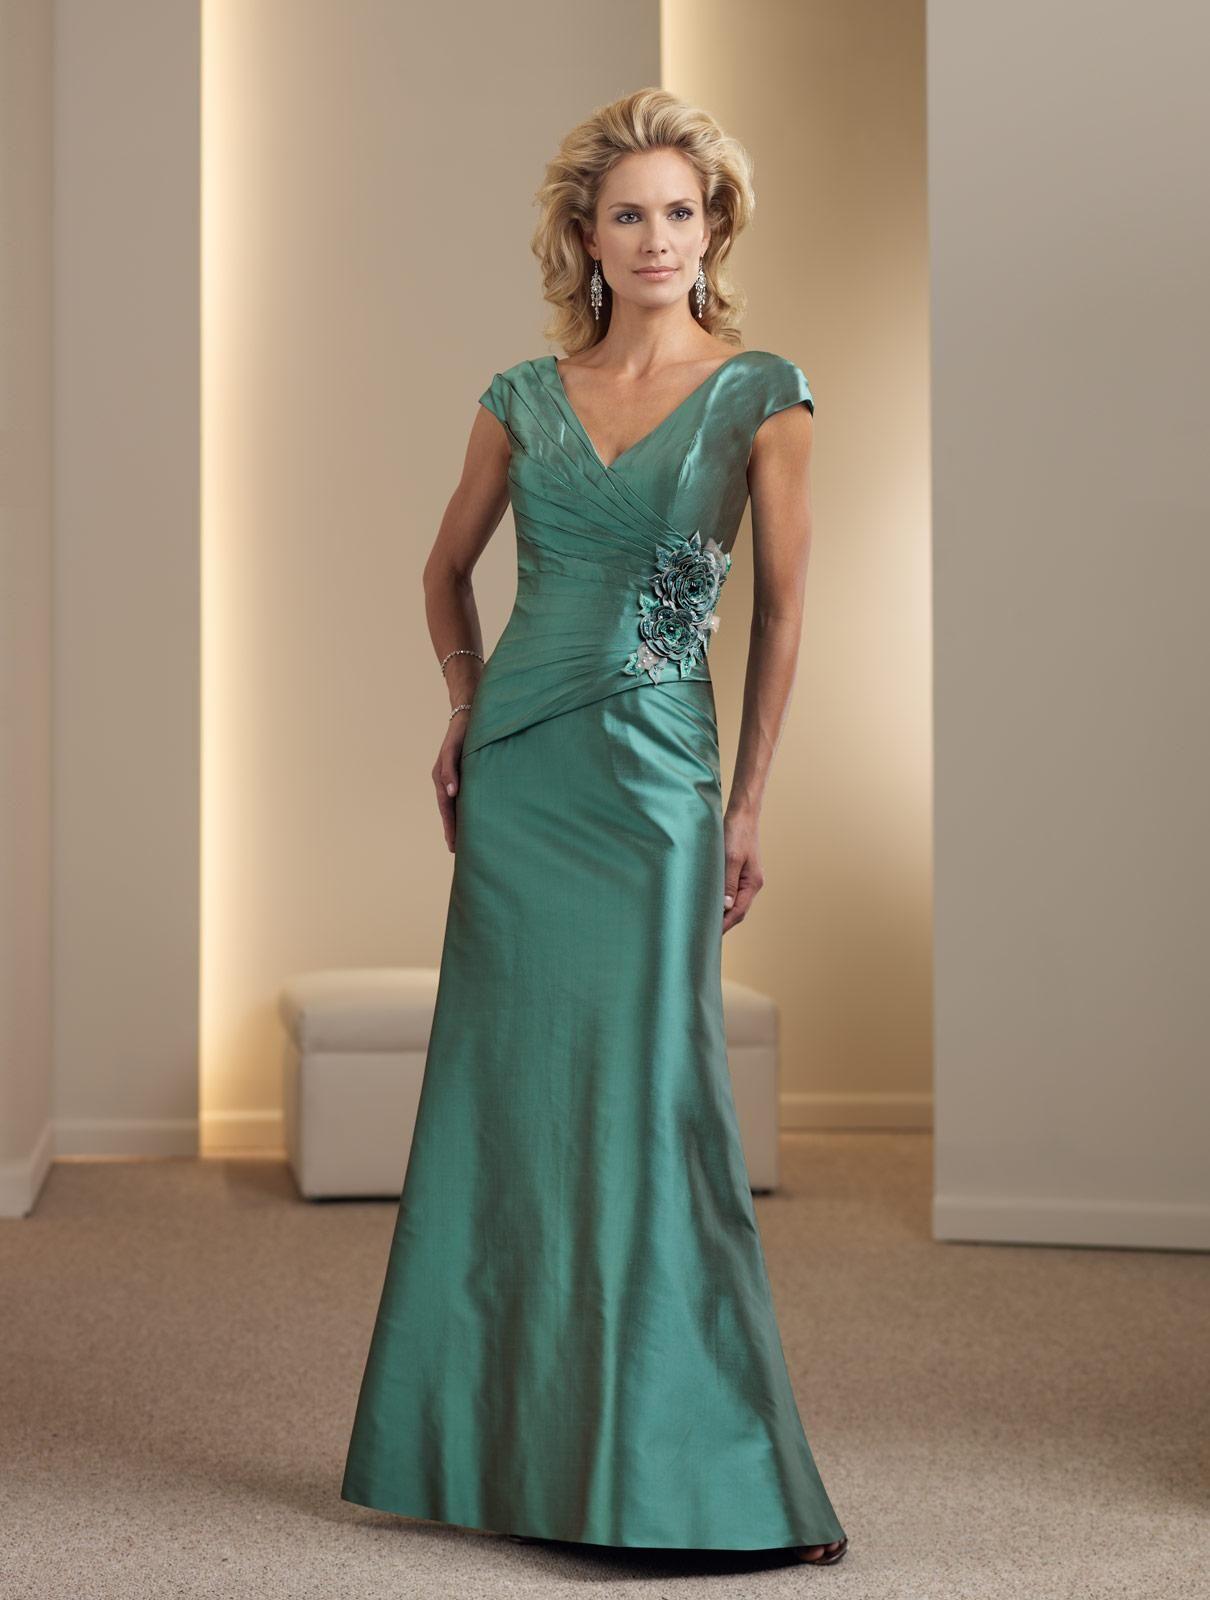 af3c6cc5d Fotos de vestidos de fiesta para señoras